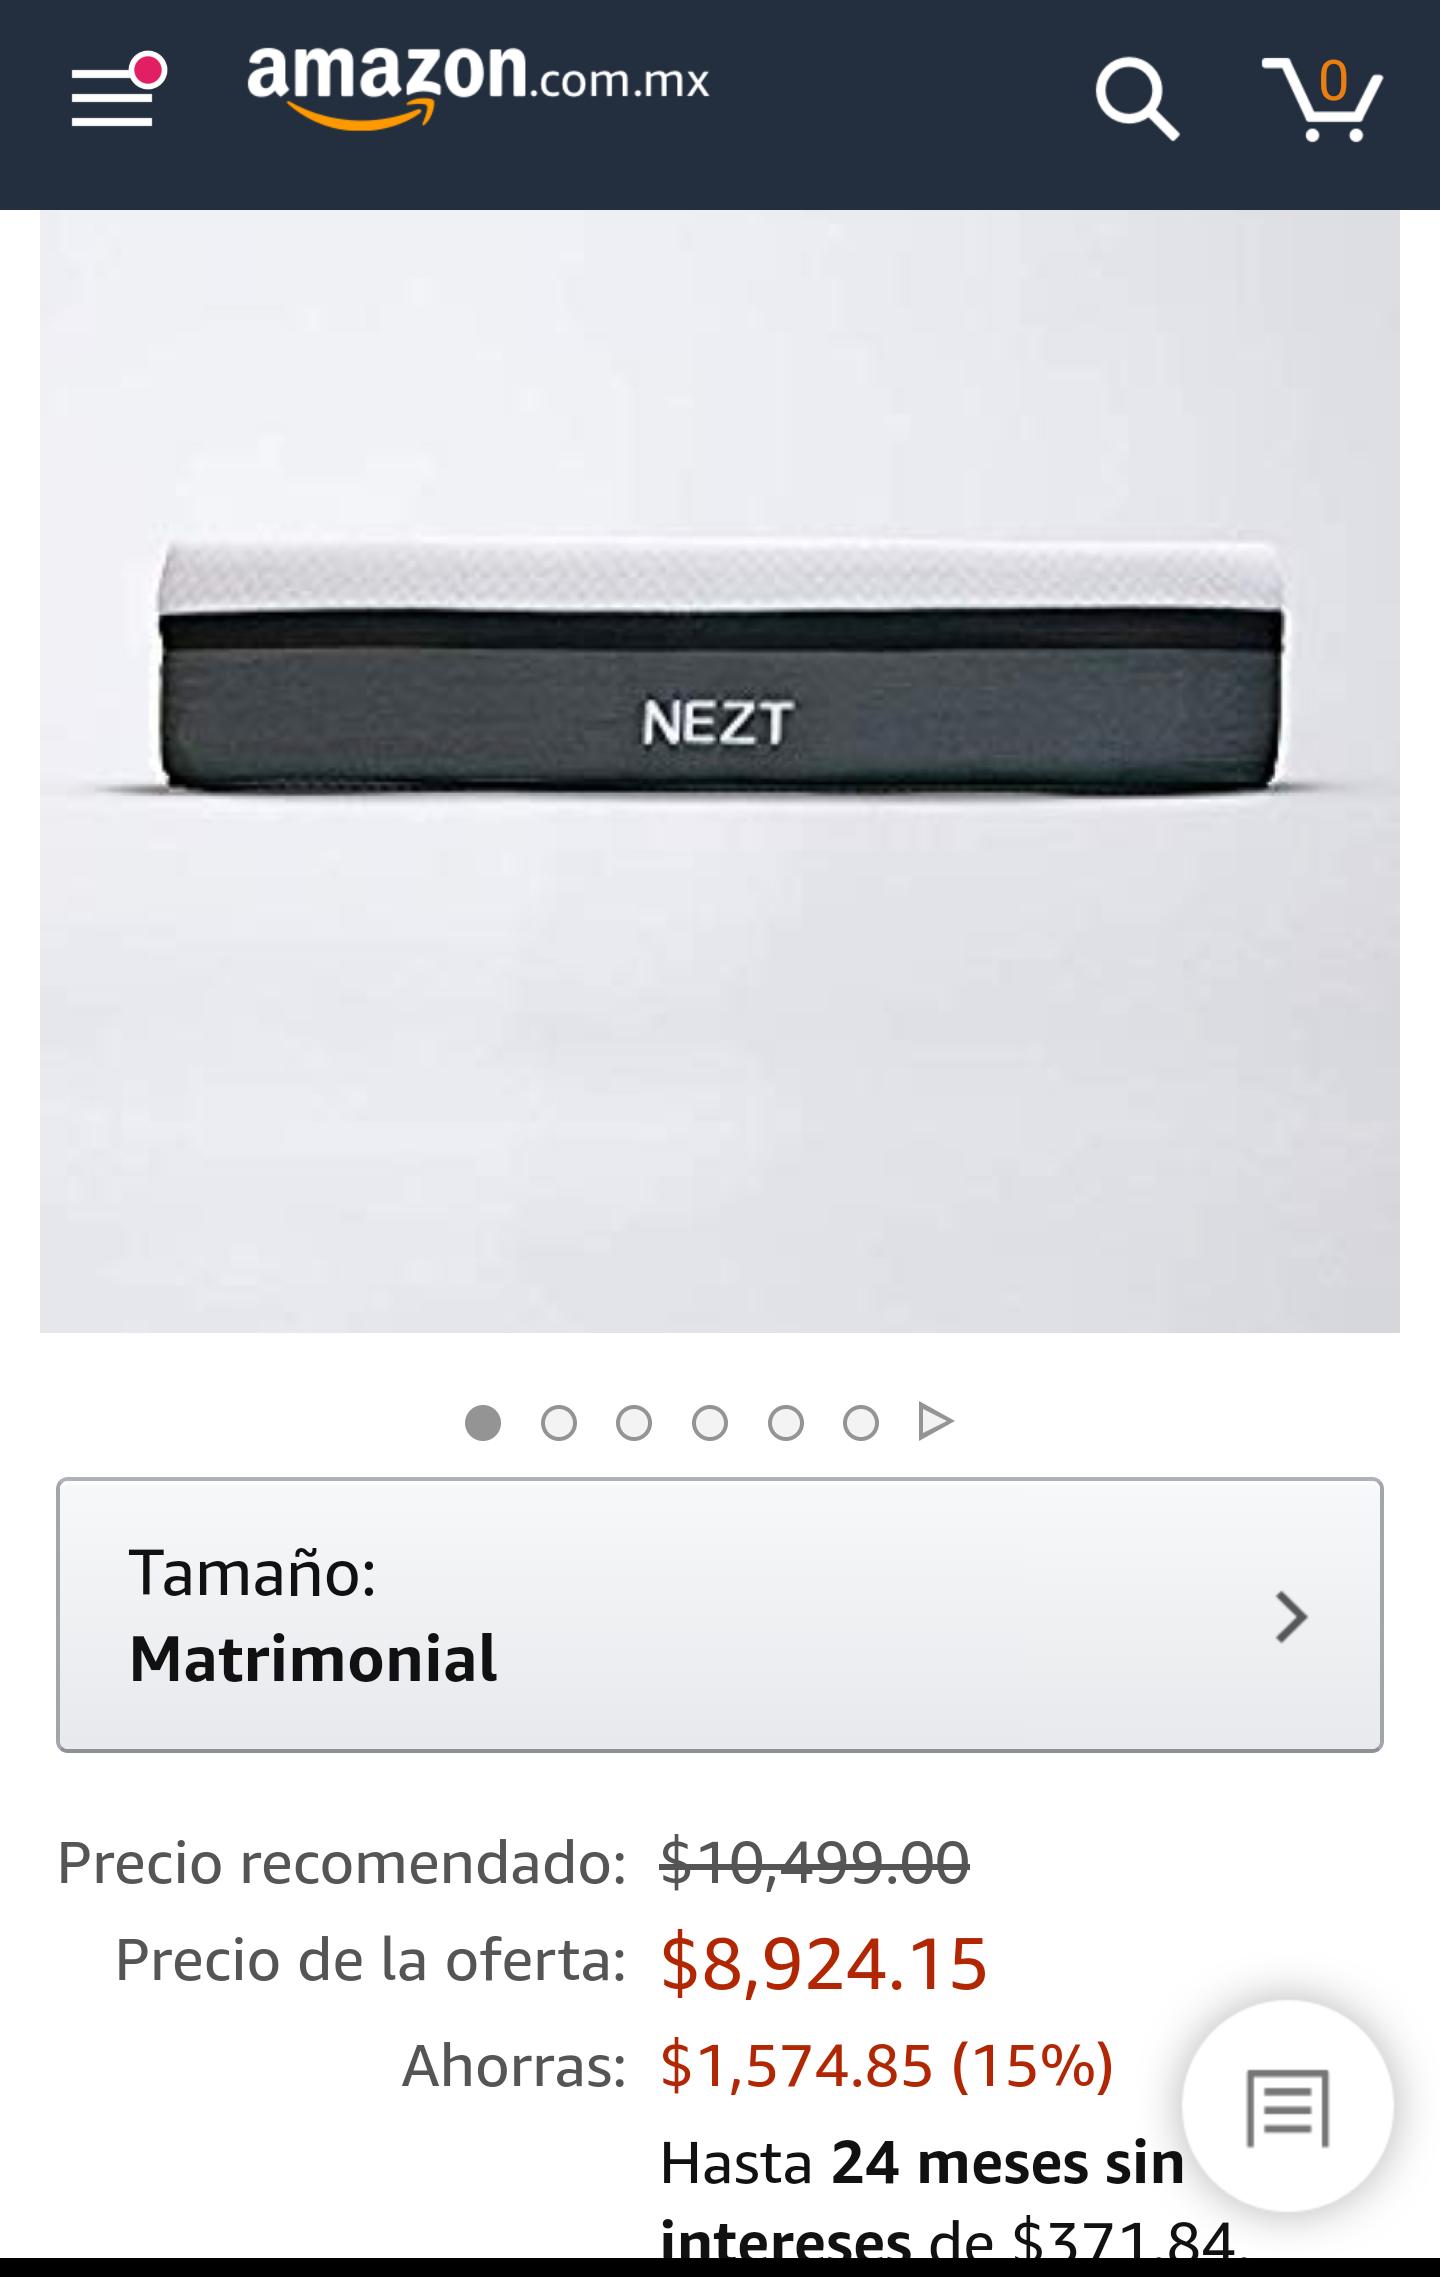 Amazon: Colchón matrimonial NEZT (Pagando con Citibanamex)